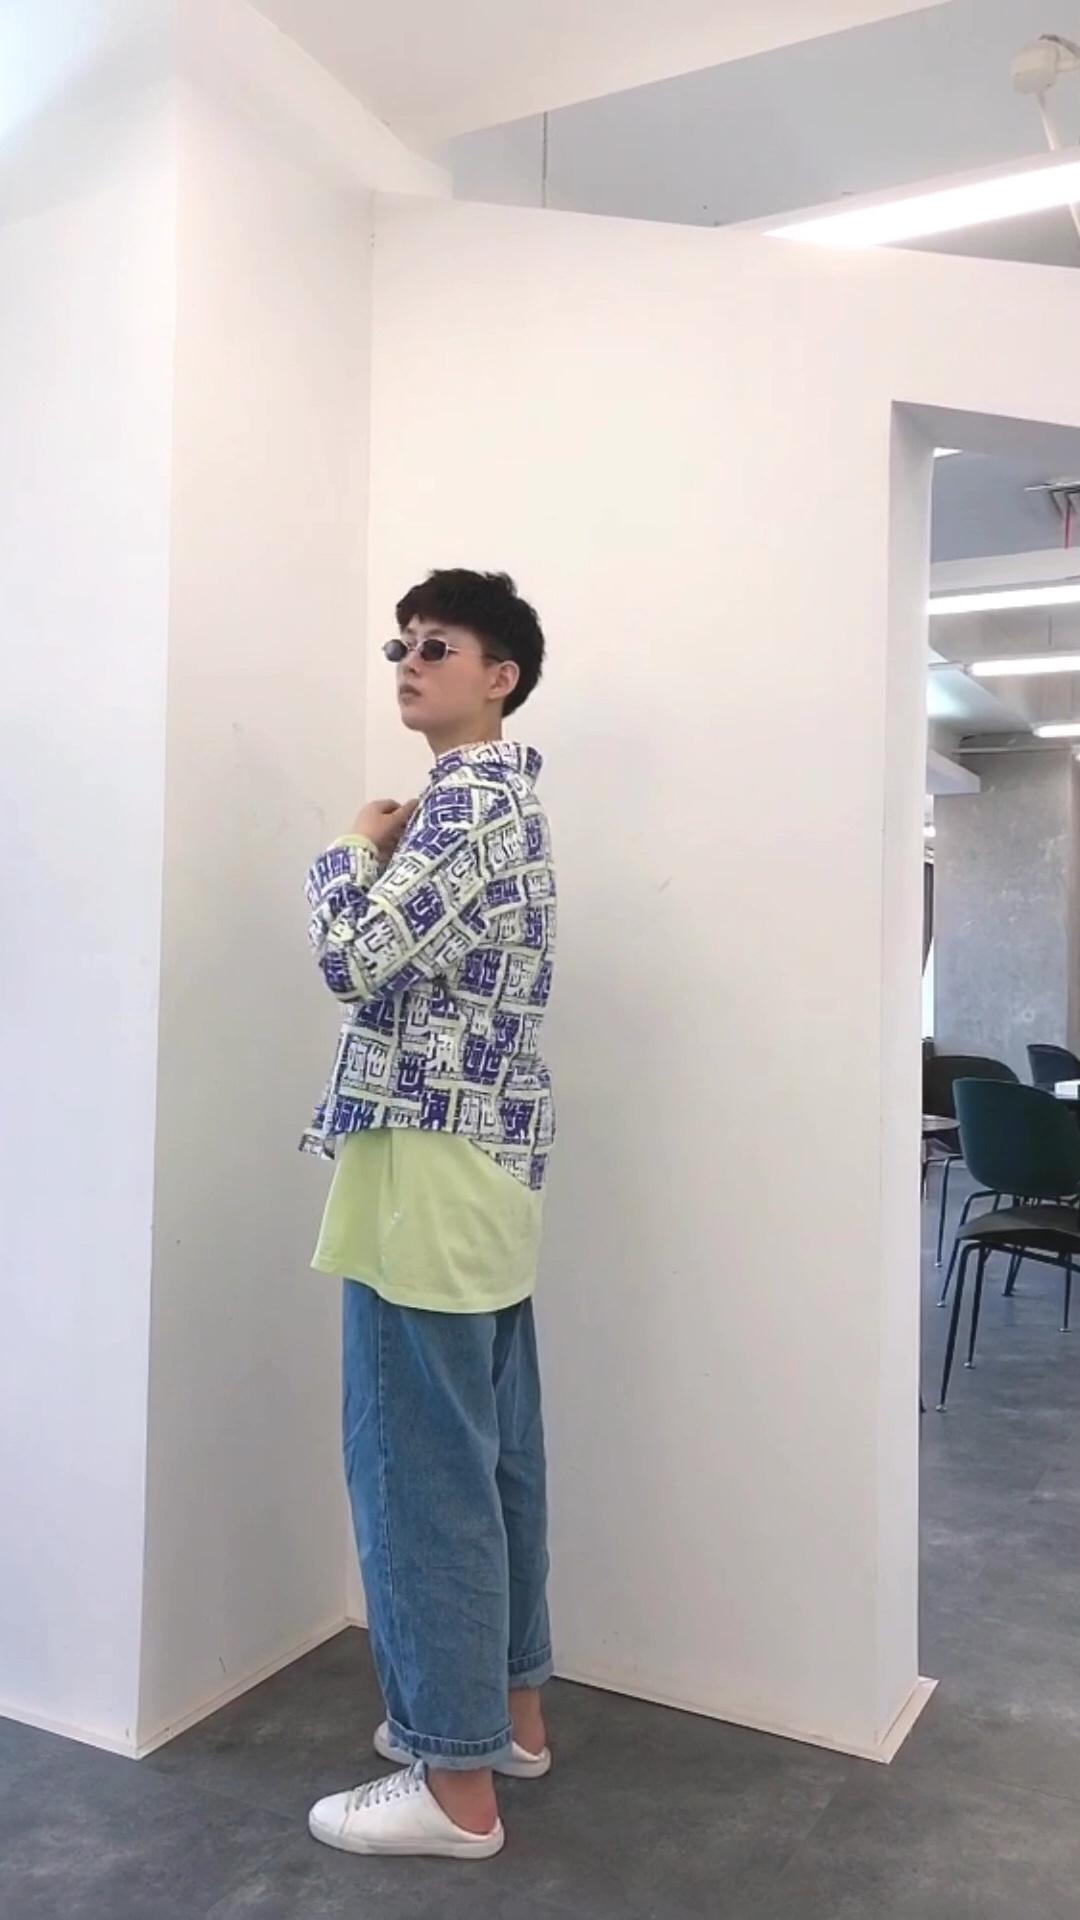 #欢迎进入帆布鞋的季节#很好看的一件世界观印花衬衫,里面搭配了一件绿色长袖t恤,颜色和衬衫的配色相呼应,裤子搭配了一套淡蓝色牛仔裤,整体看起来很清爽又带点小酷味 👕UR/阿希哥vcruan 👖蒙马特先生